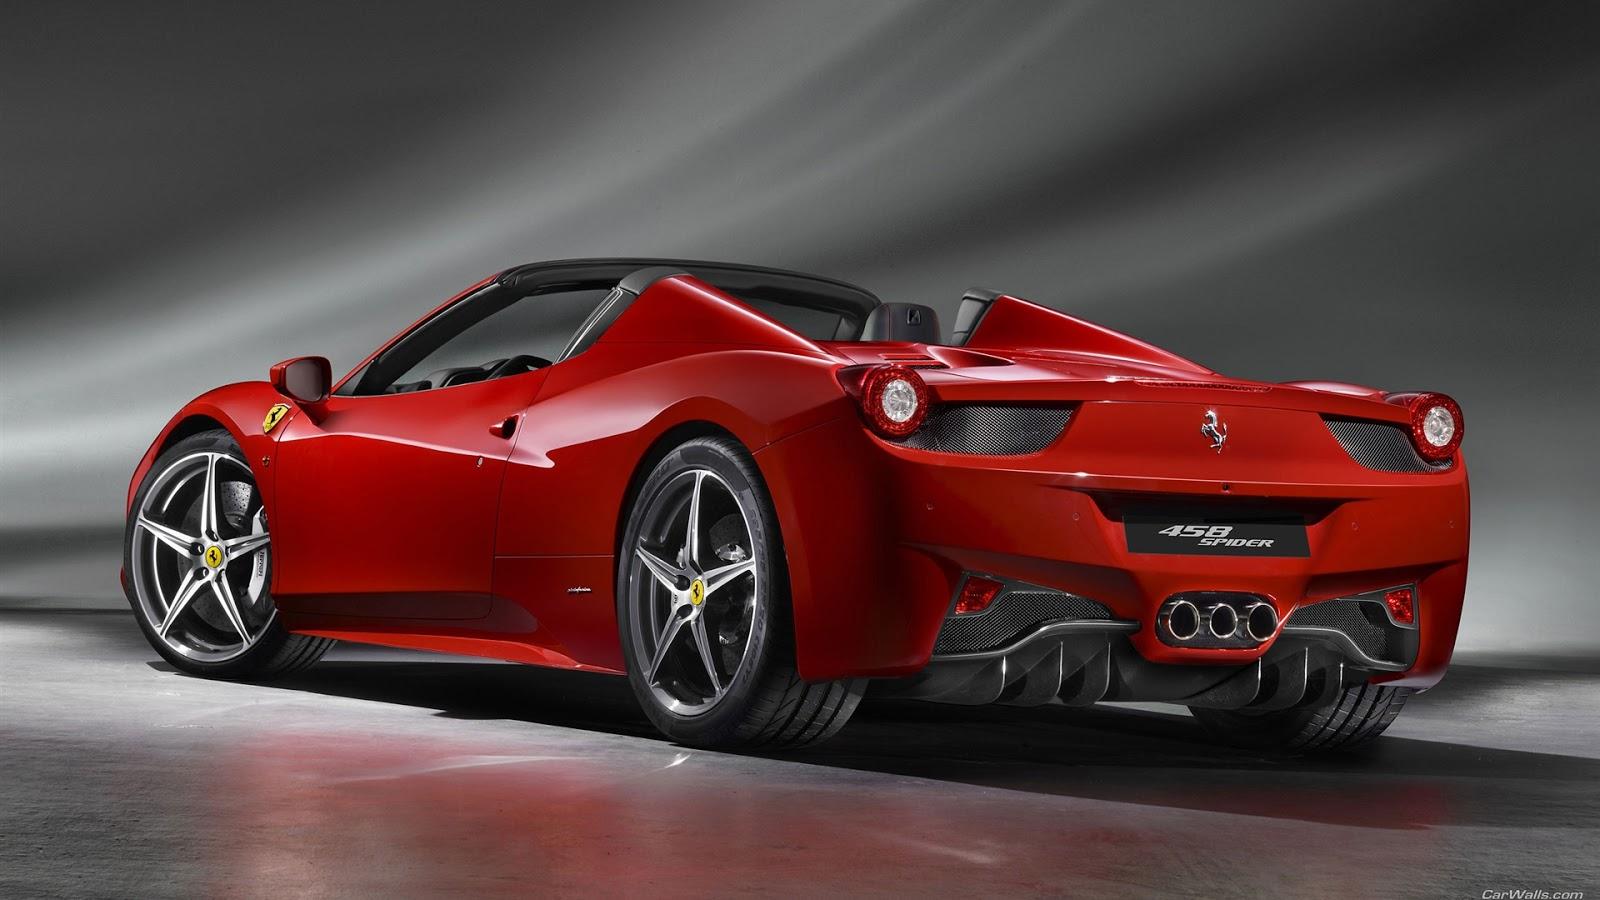 24 Ferrari Car Wallpapers On Wallpapersafari